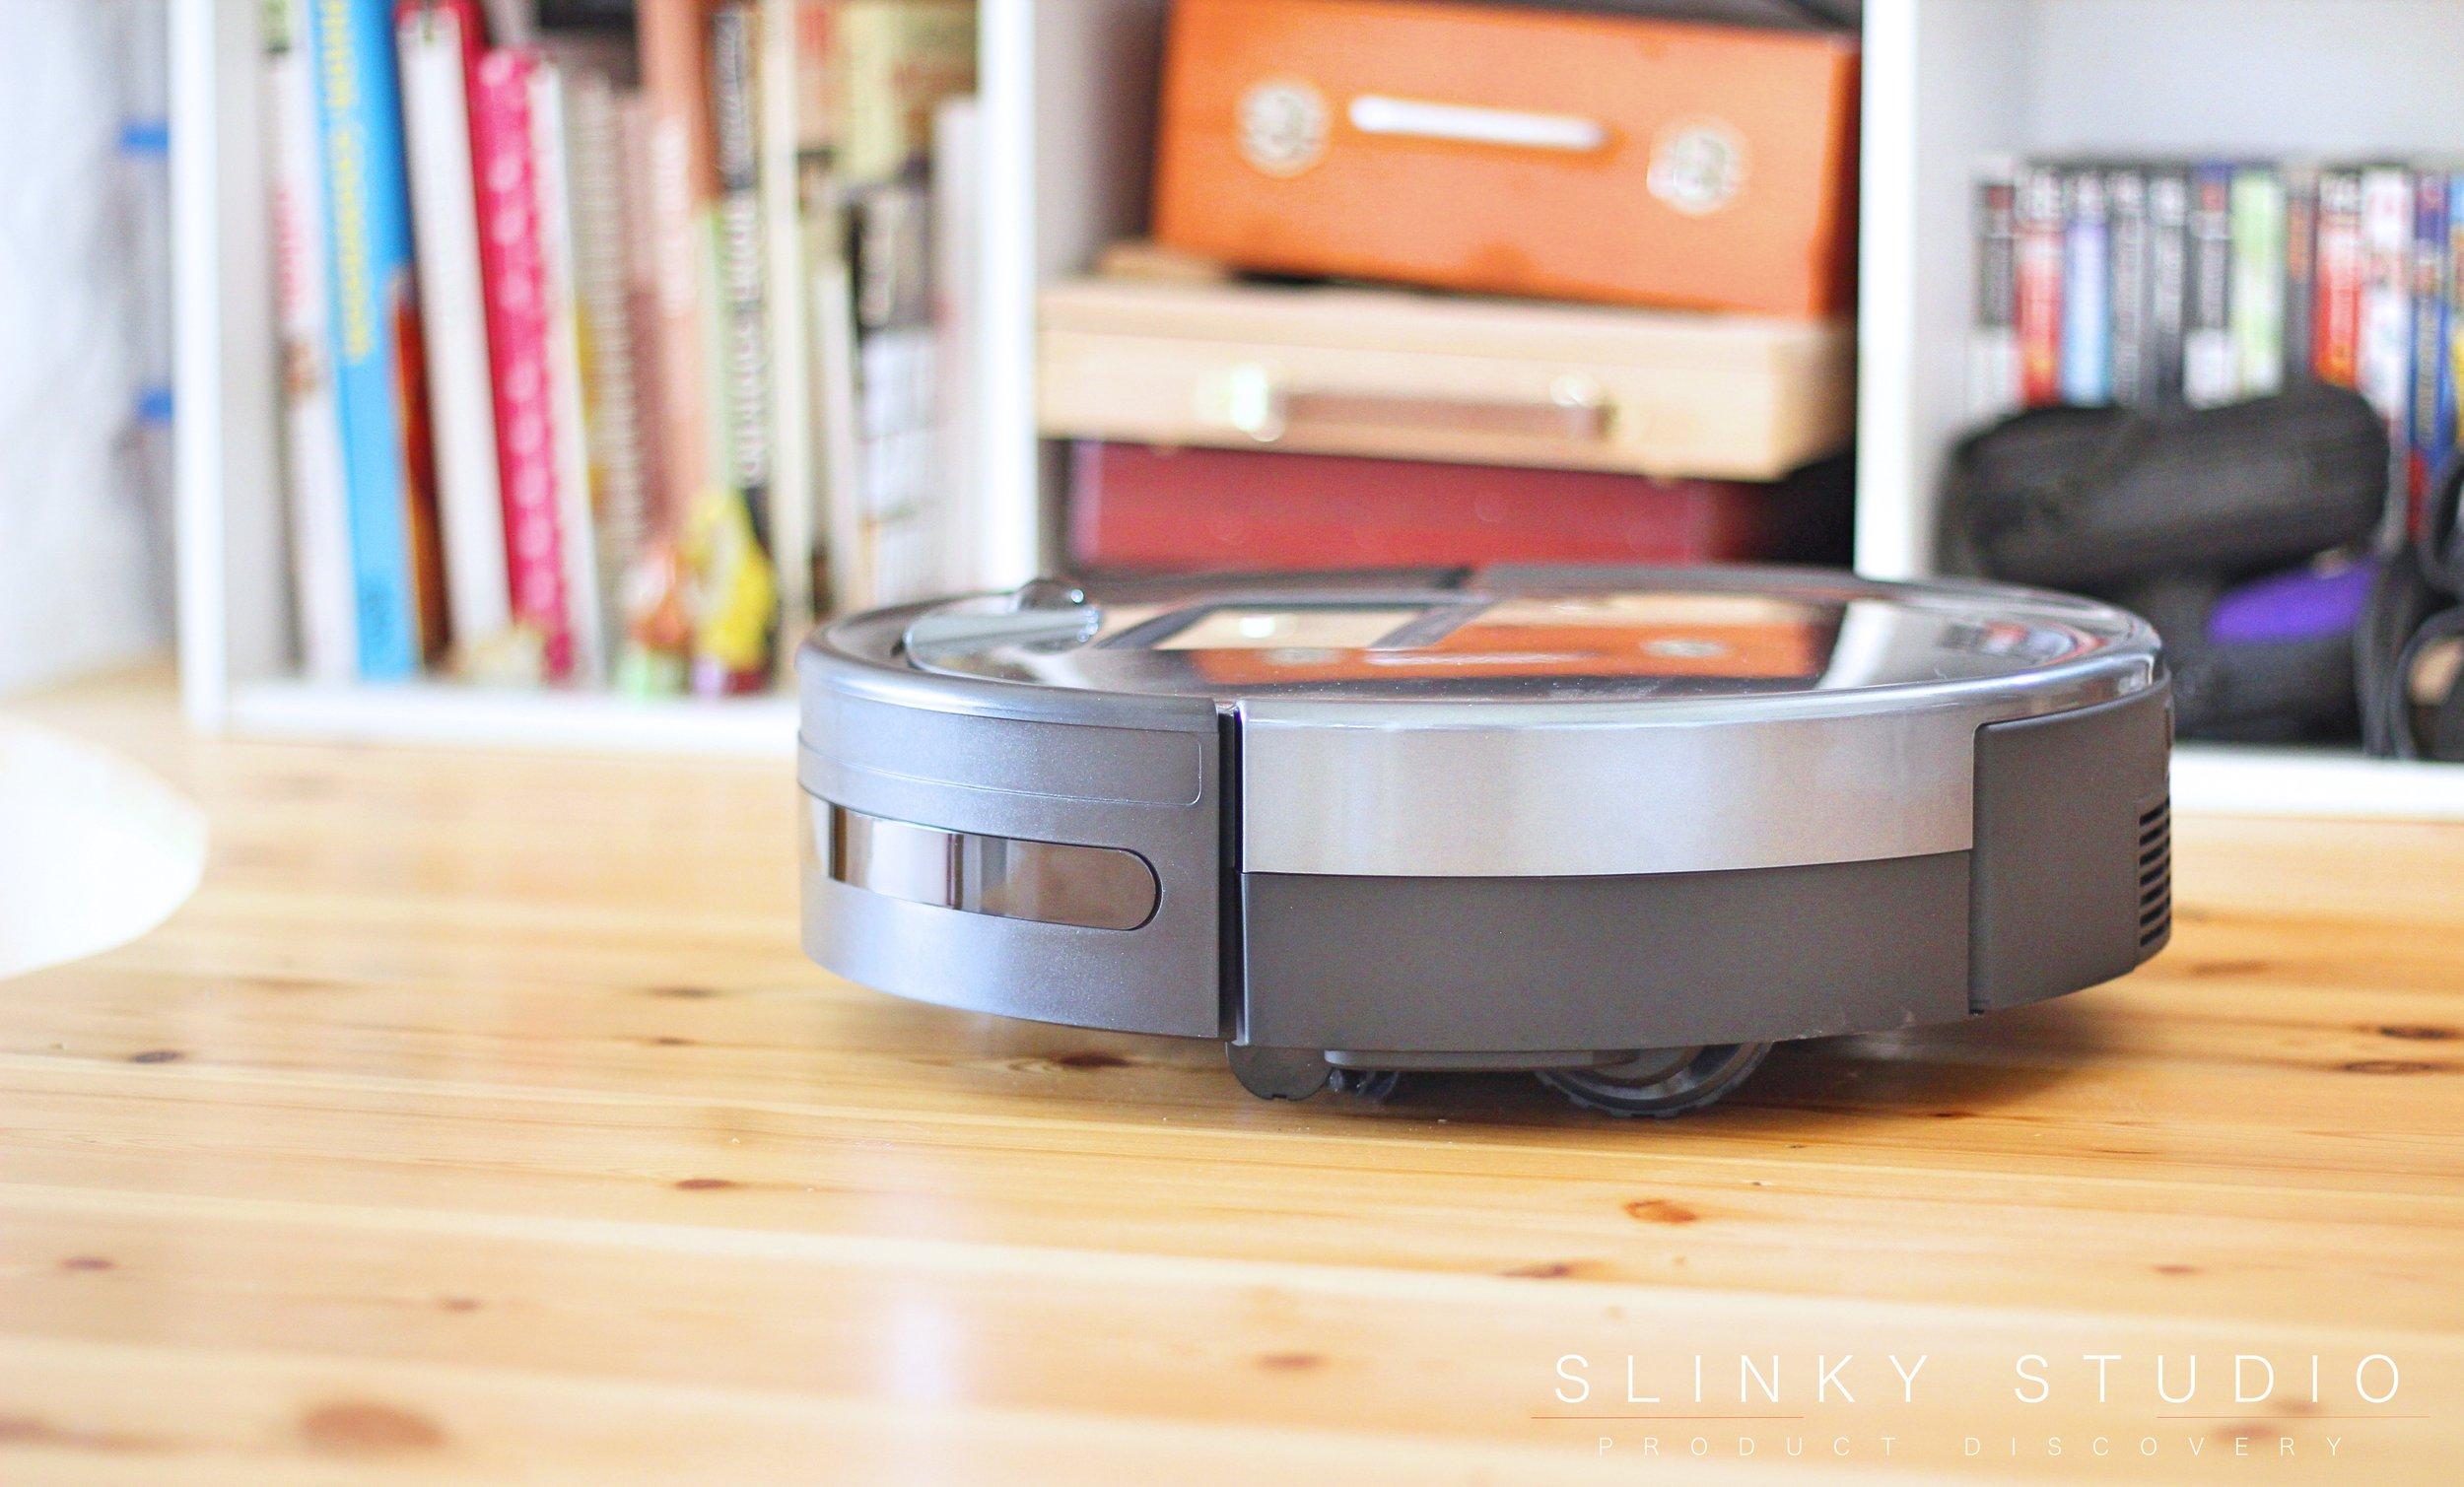 bObsweep PetHair Plus Robot Vacuum Cleaner Side View Wooden Floor.jpg